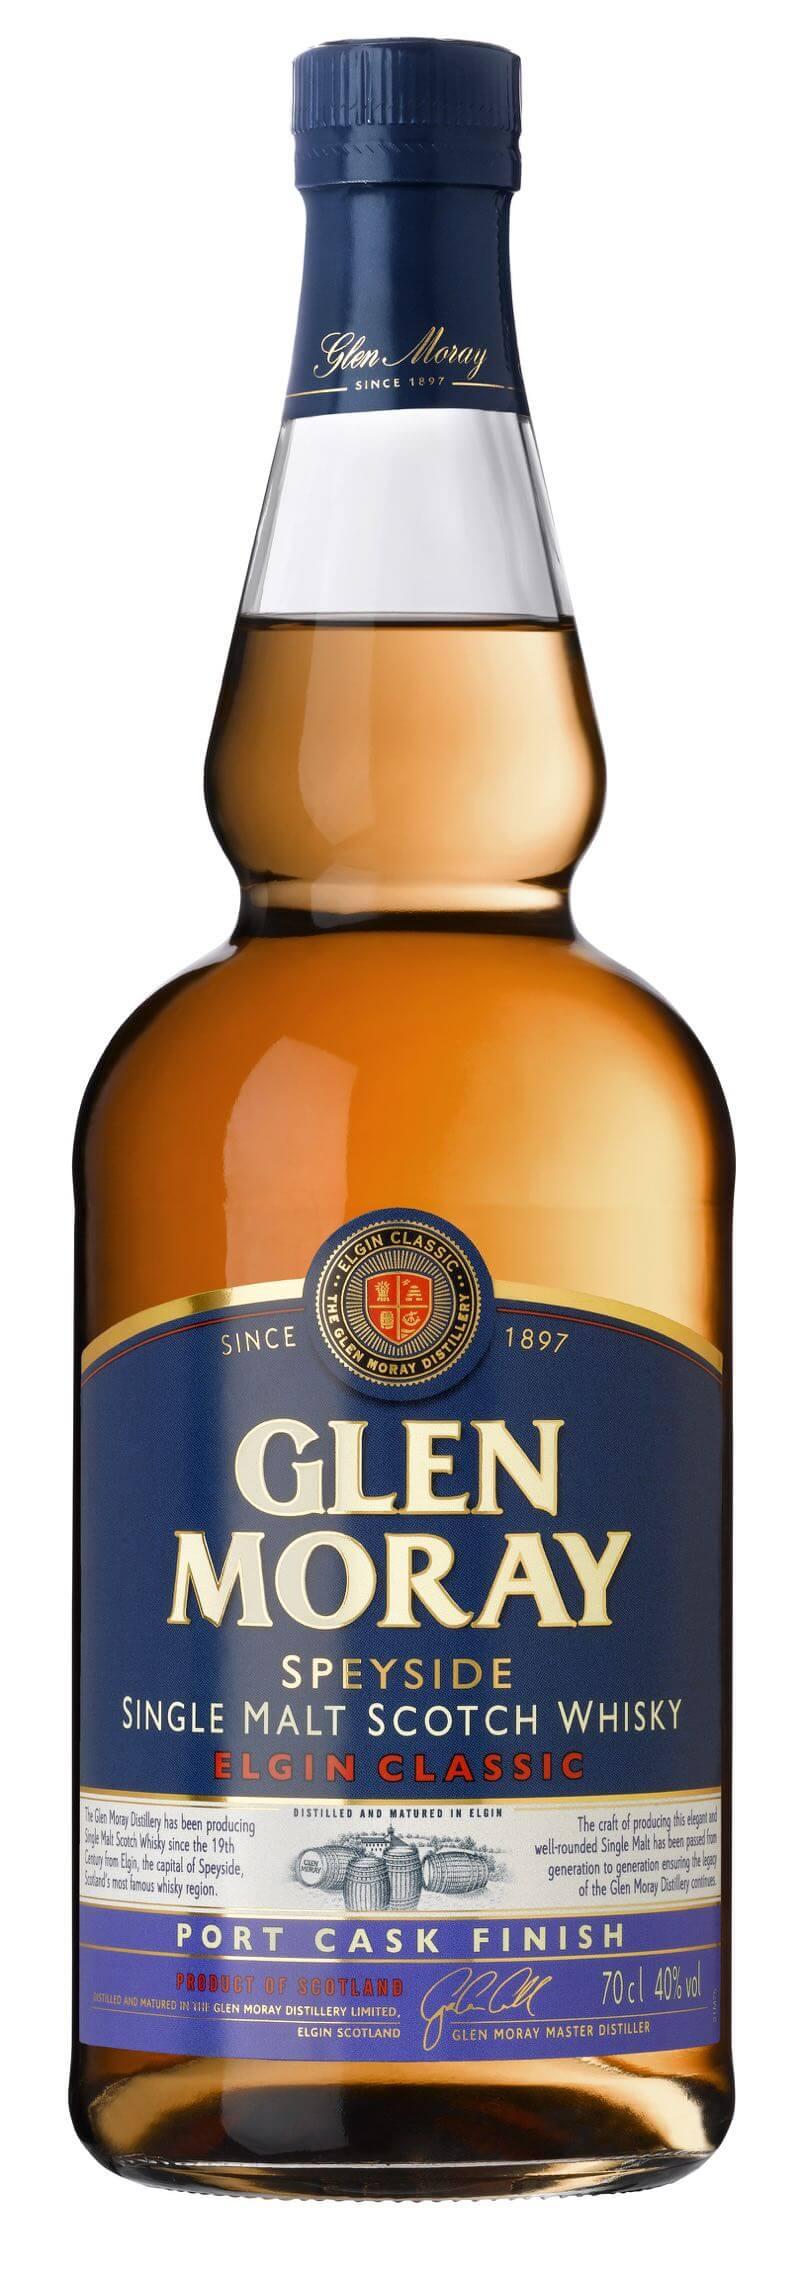 GLEN MORAY Classic Port Scotch Whisky 40% 0,7l